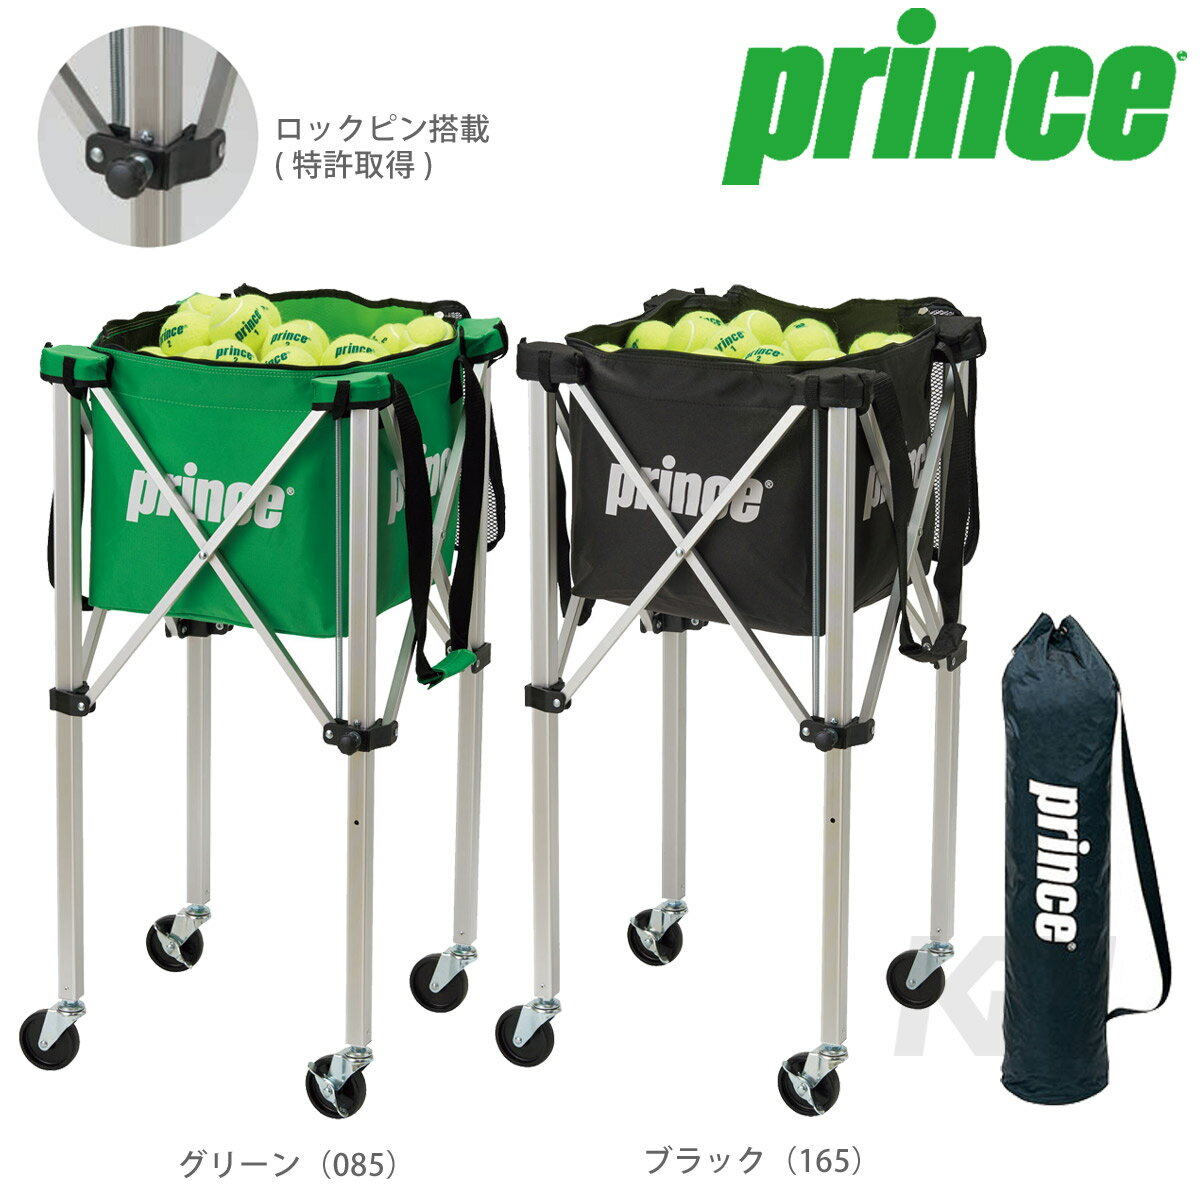 「あす楽対応」Prince(プリンス)「ボールバスケット(ロックピンキャスター付) PL064」テニスコート用品 『即日出荷』